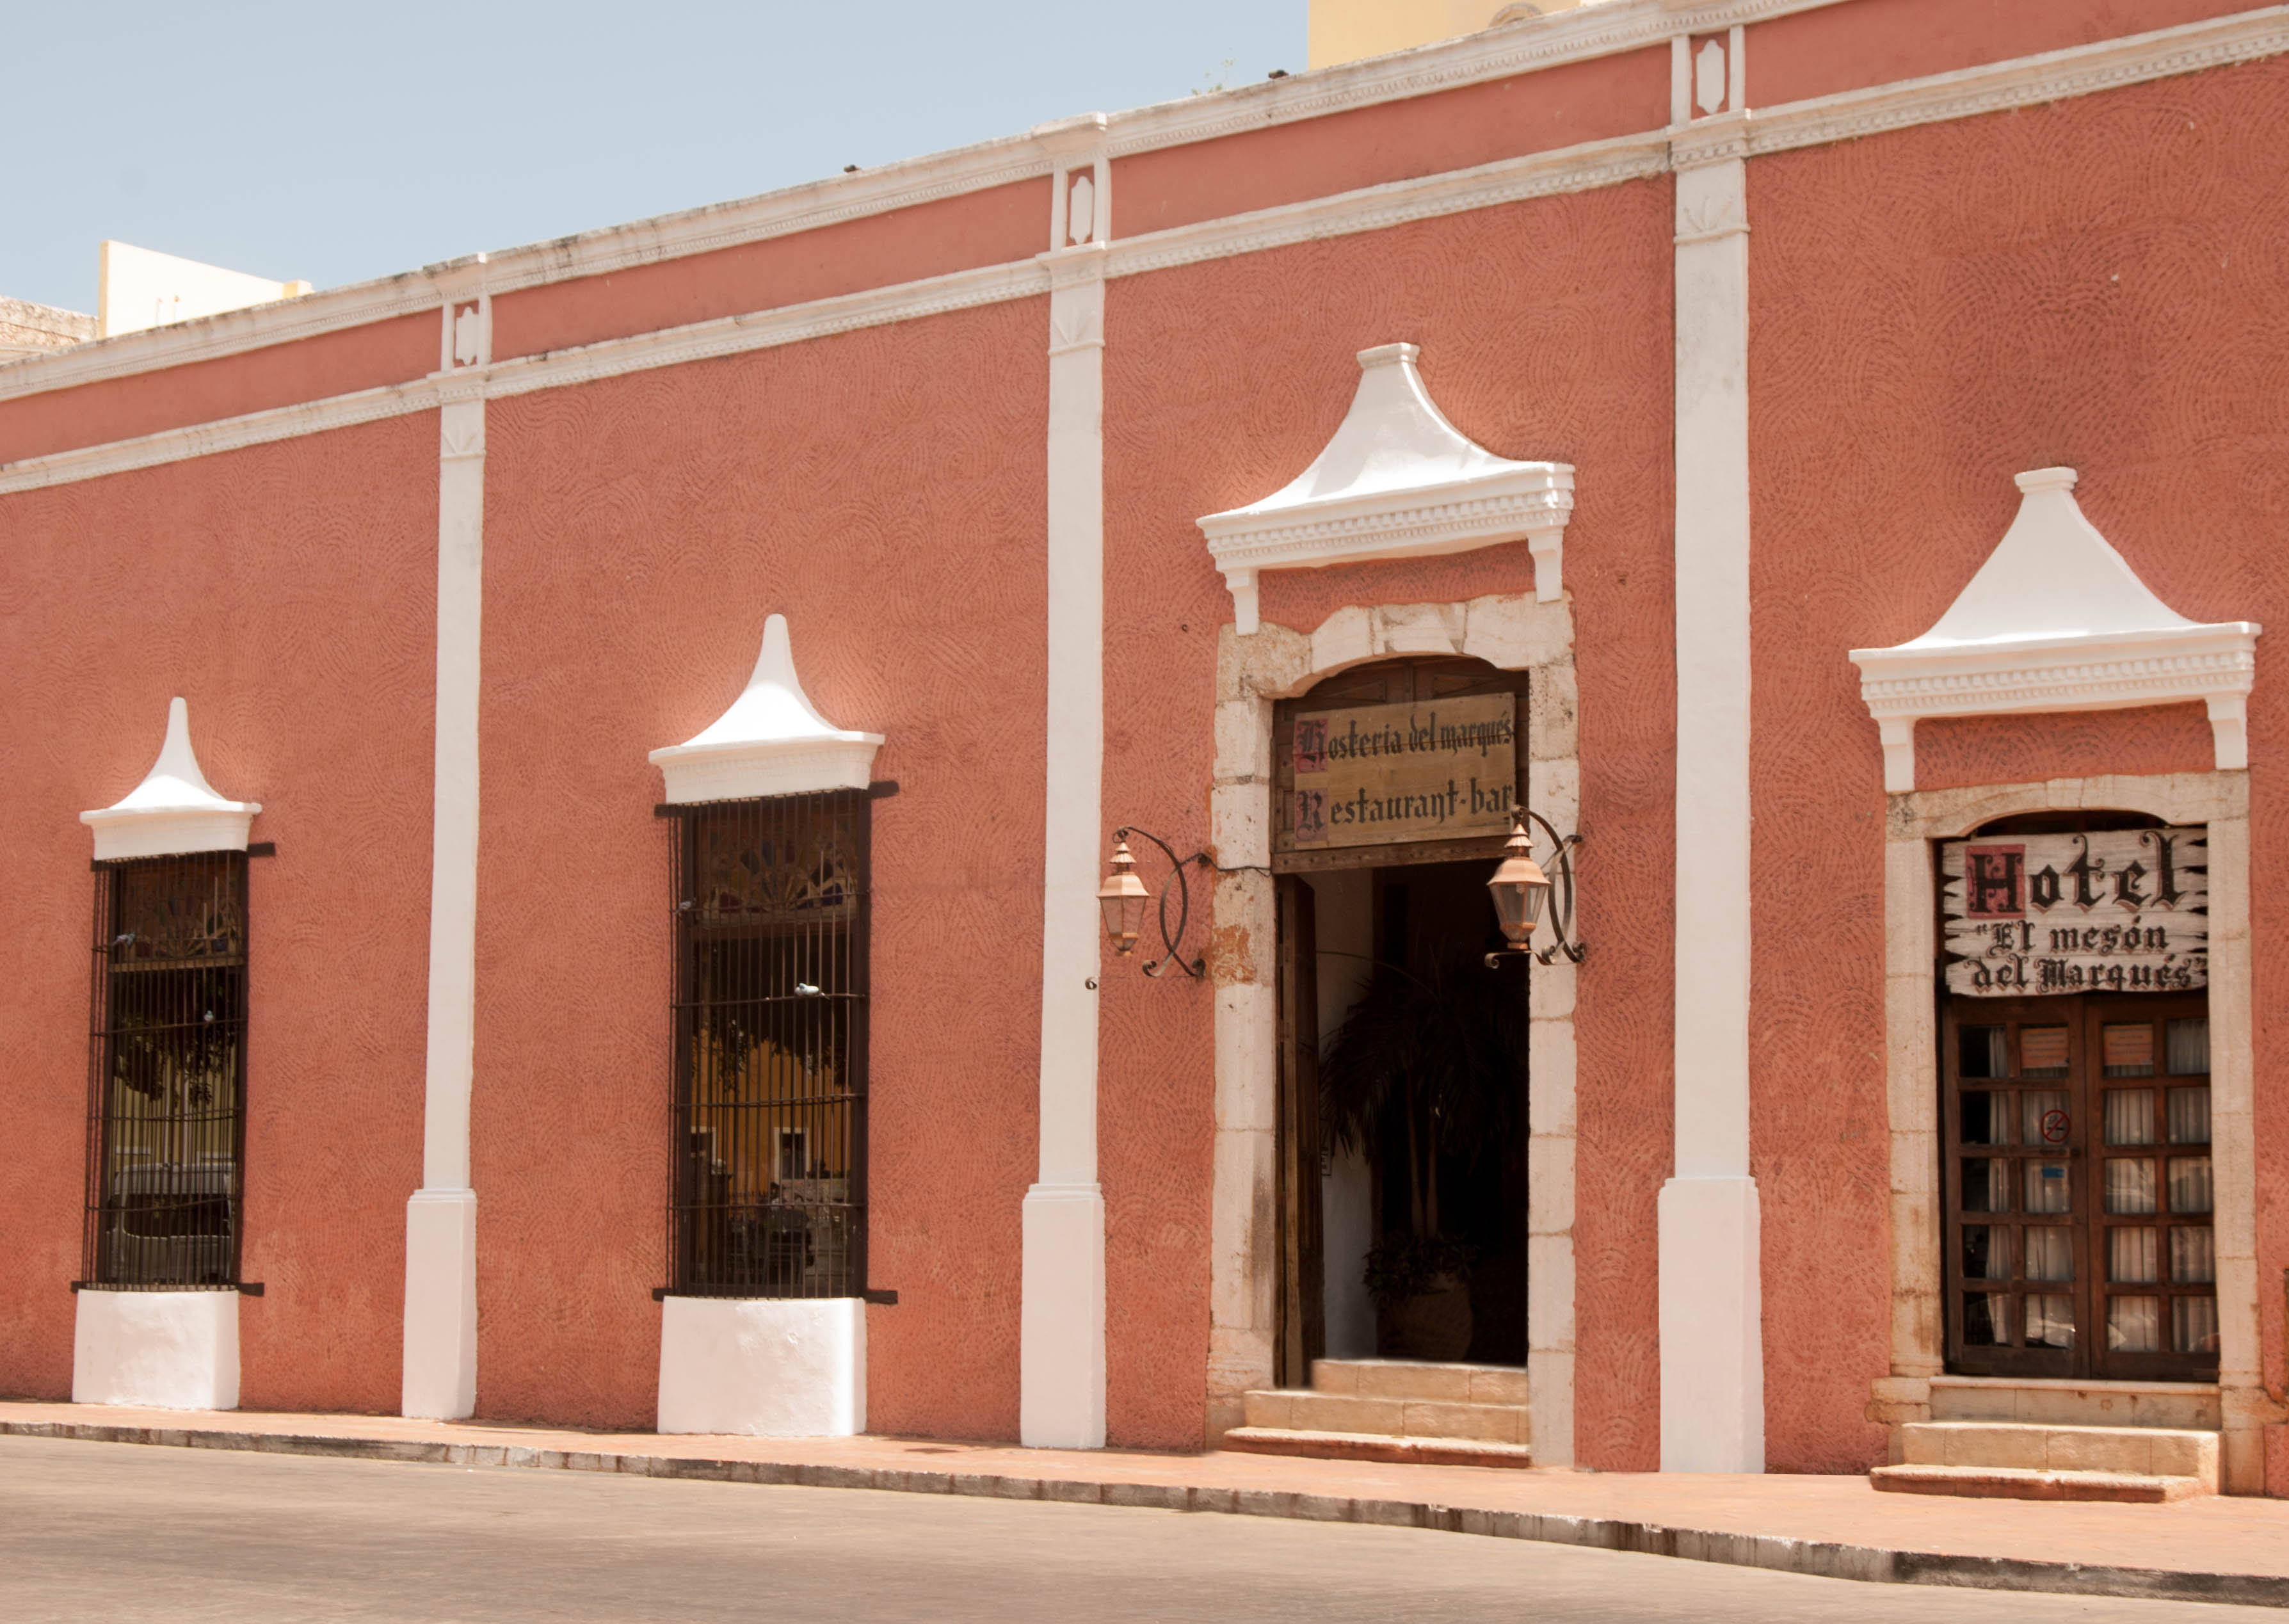 El Meson del Marques, Valladolid